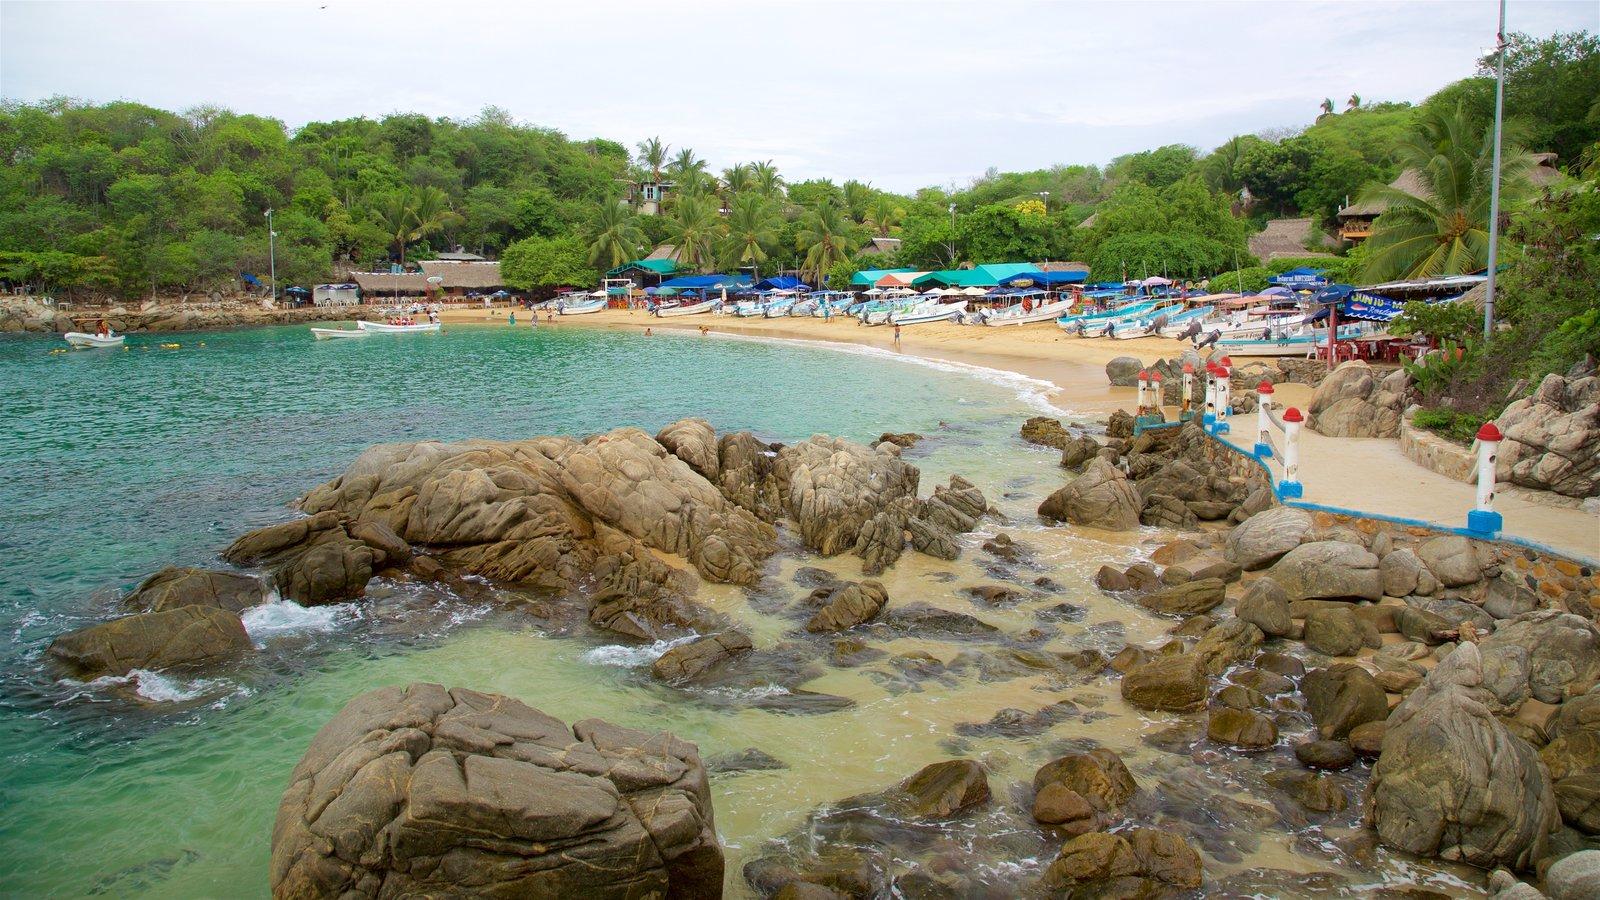 Playa Puerto Angelito mostrando escenas tropicales, una playa y costa escarpada